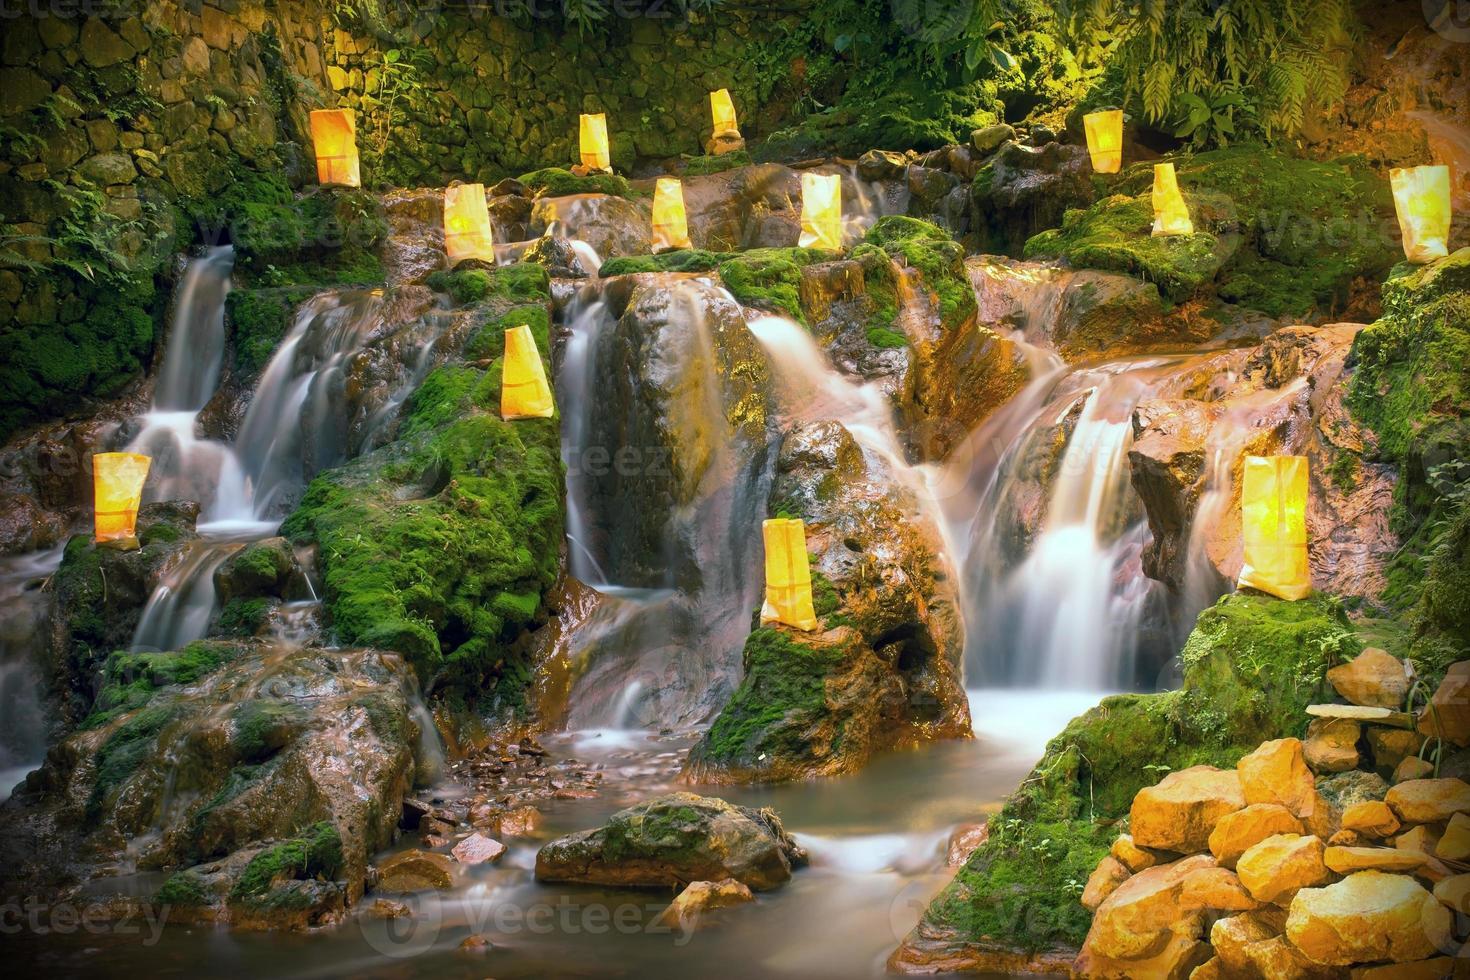 naturen med ett vattenfall som ser rilex, bekvämt och uppfriskande ut foto